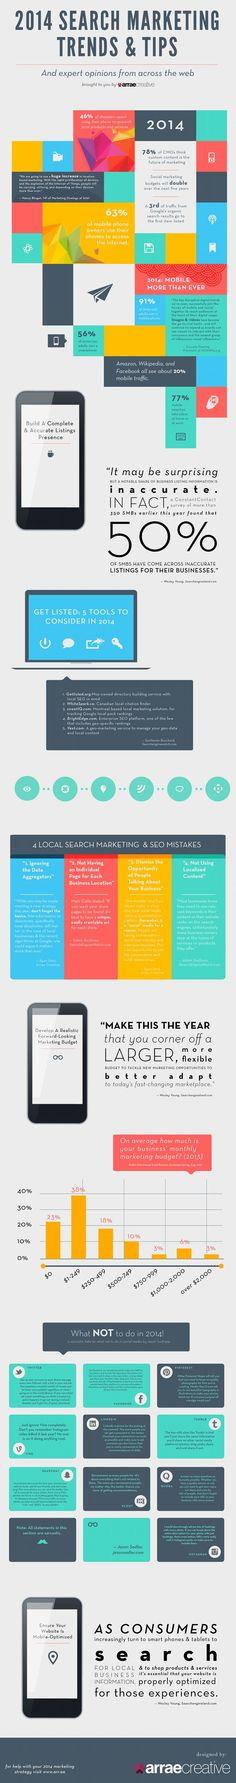 Handy tool:  2014-online-marketing-trends-tips